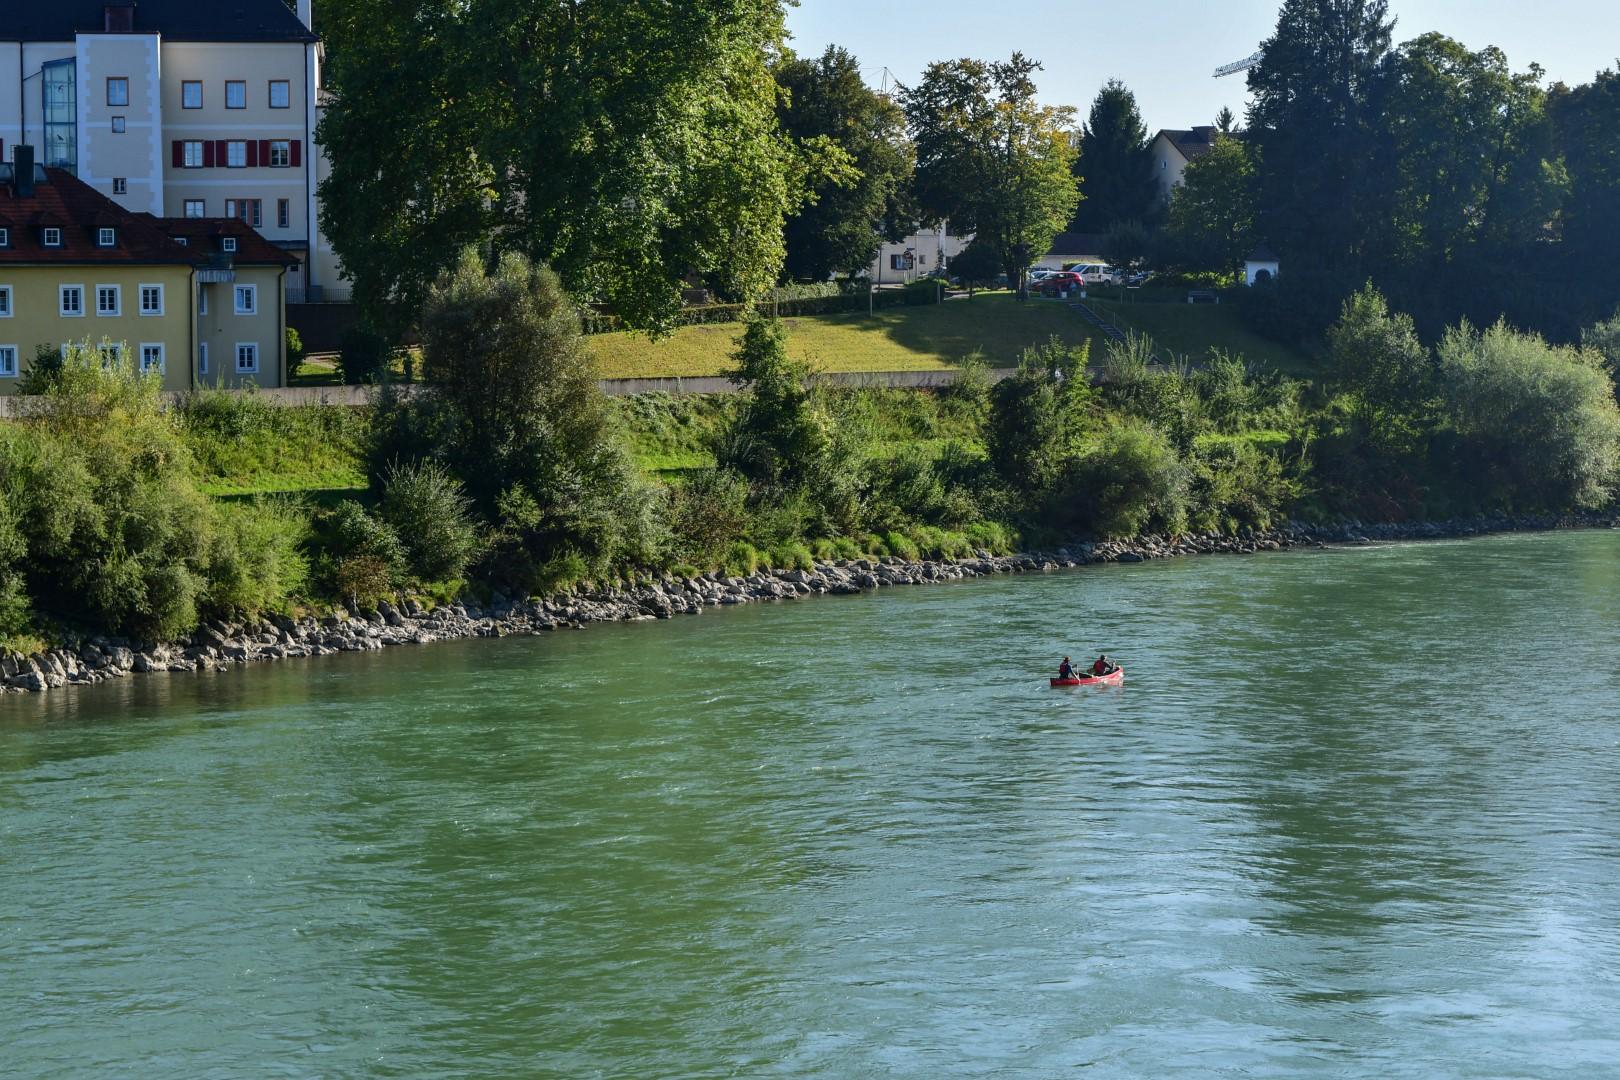 Bootsfahrer bei Laufen